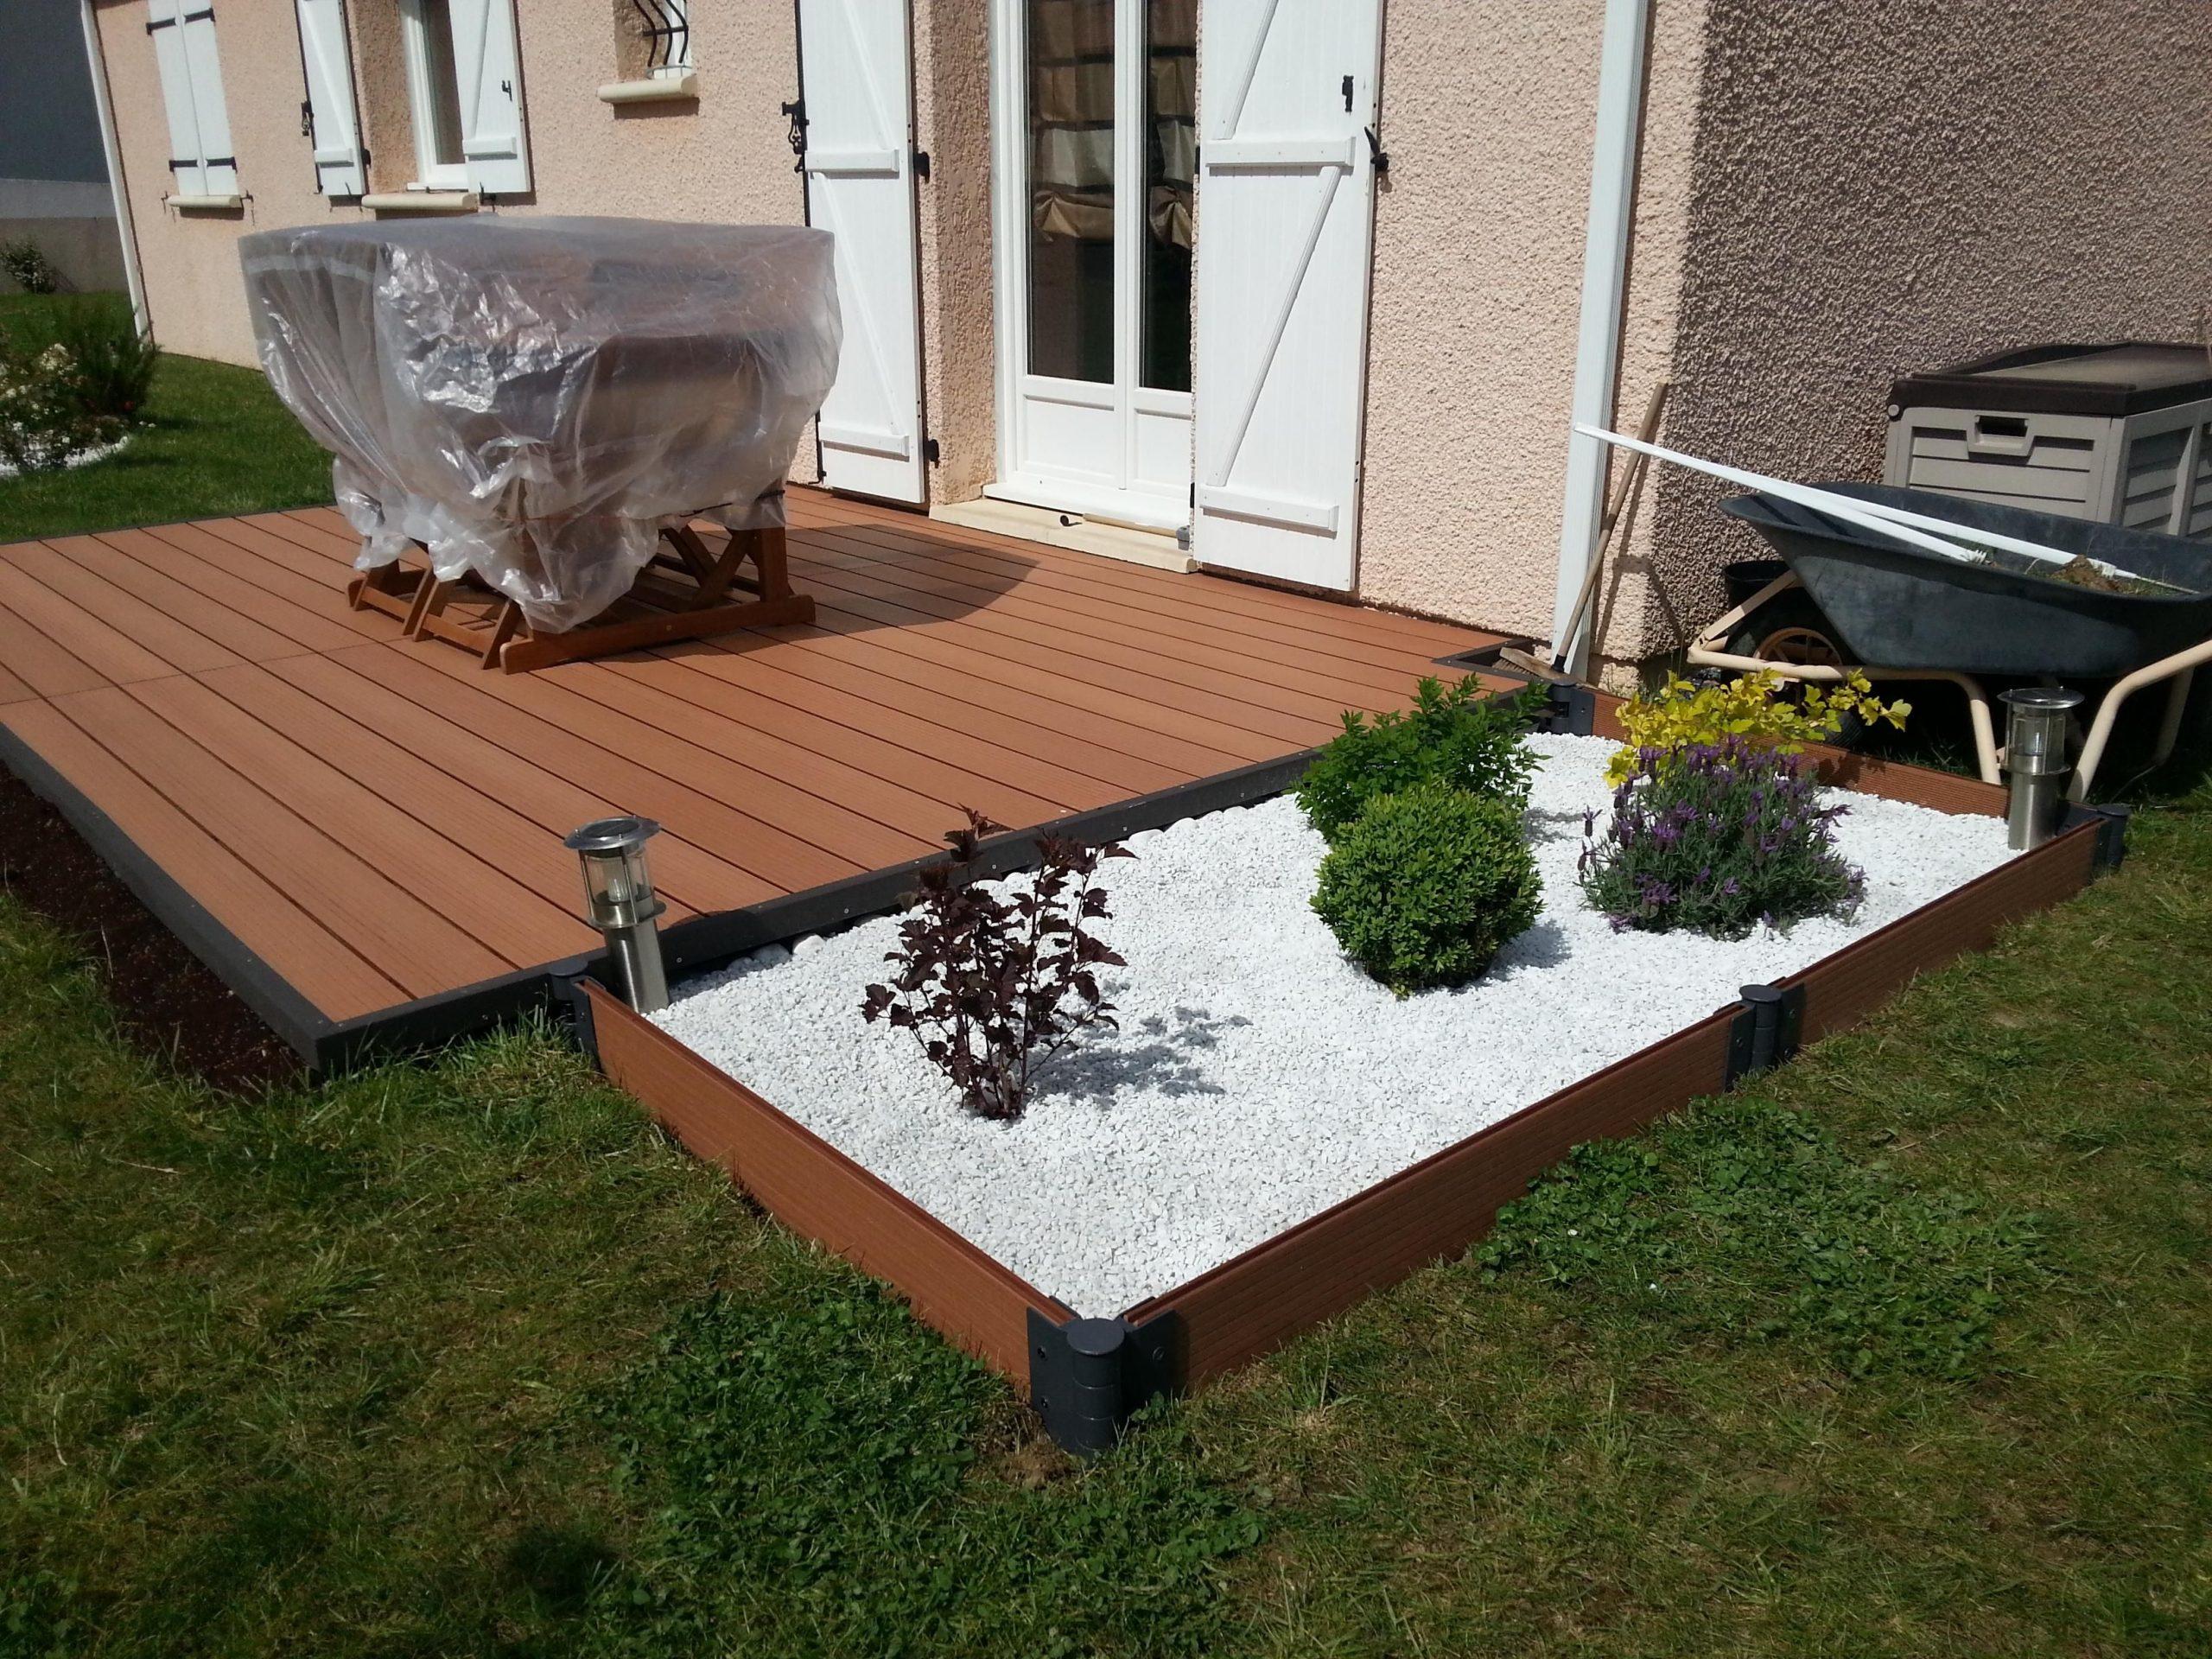 Comment Poser Une Terrasse Composite Sur Lambourdes Et Plots ... tout Terrasse Bois Castorama Sur Plots